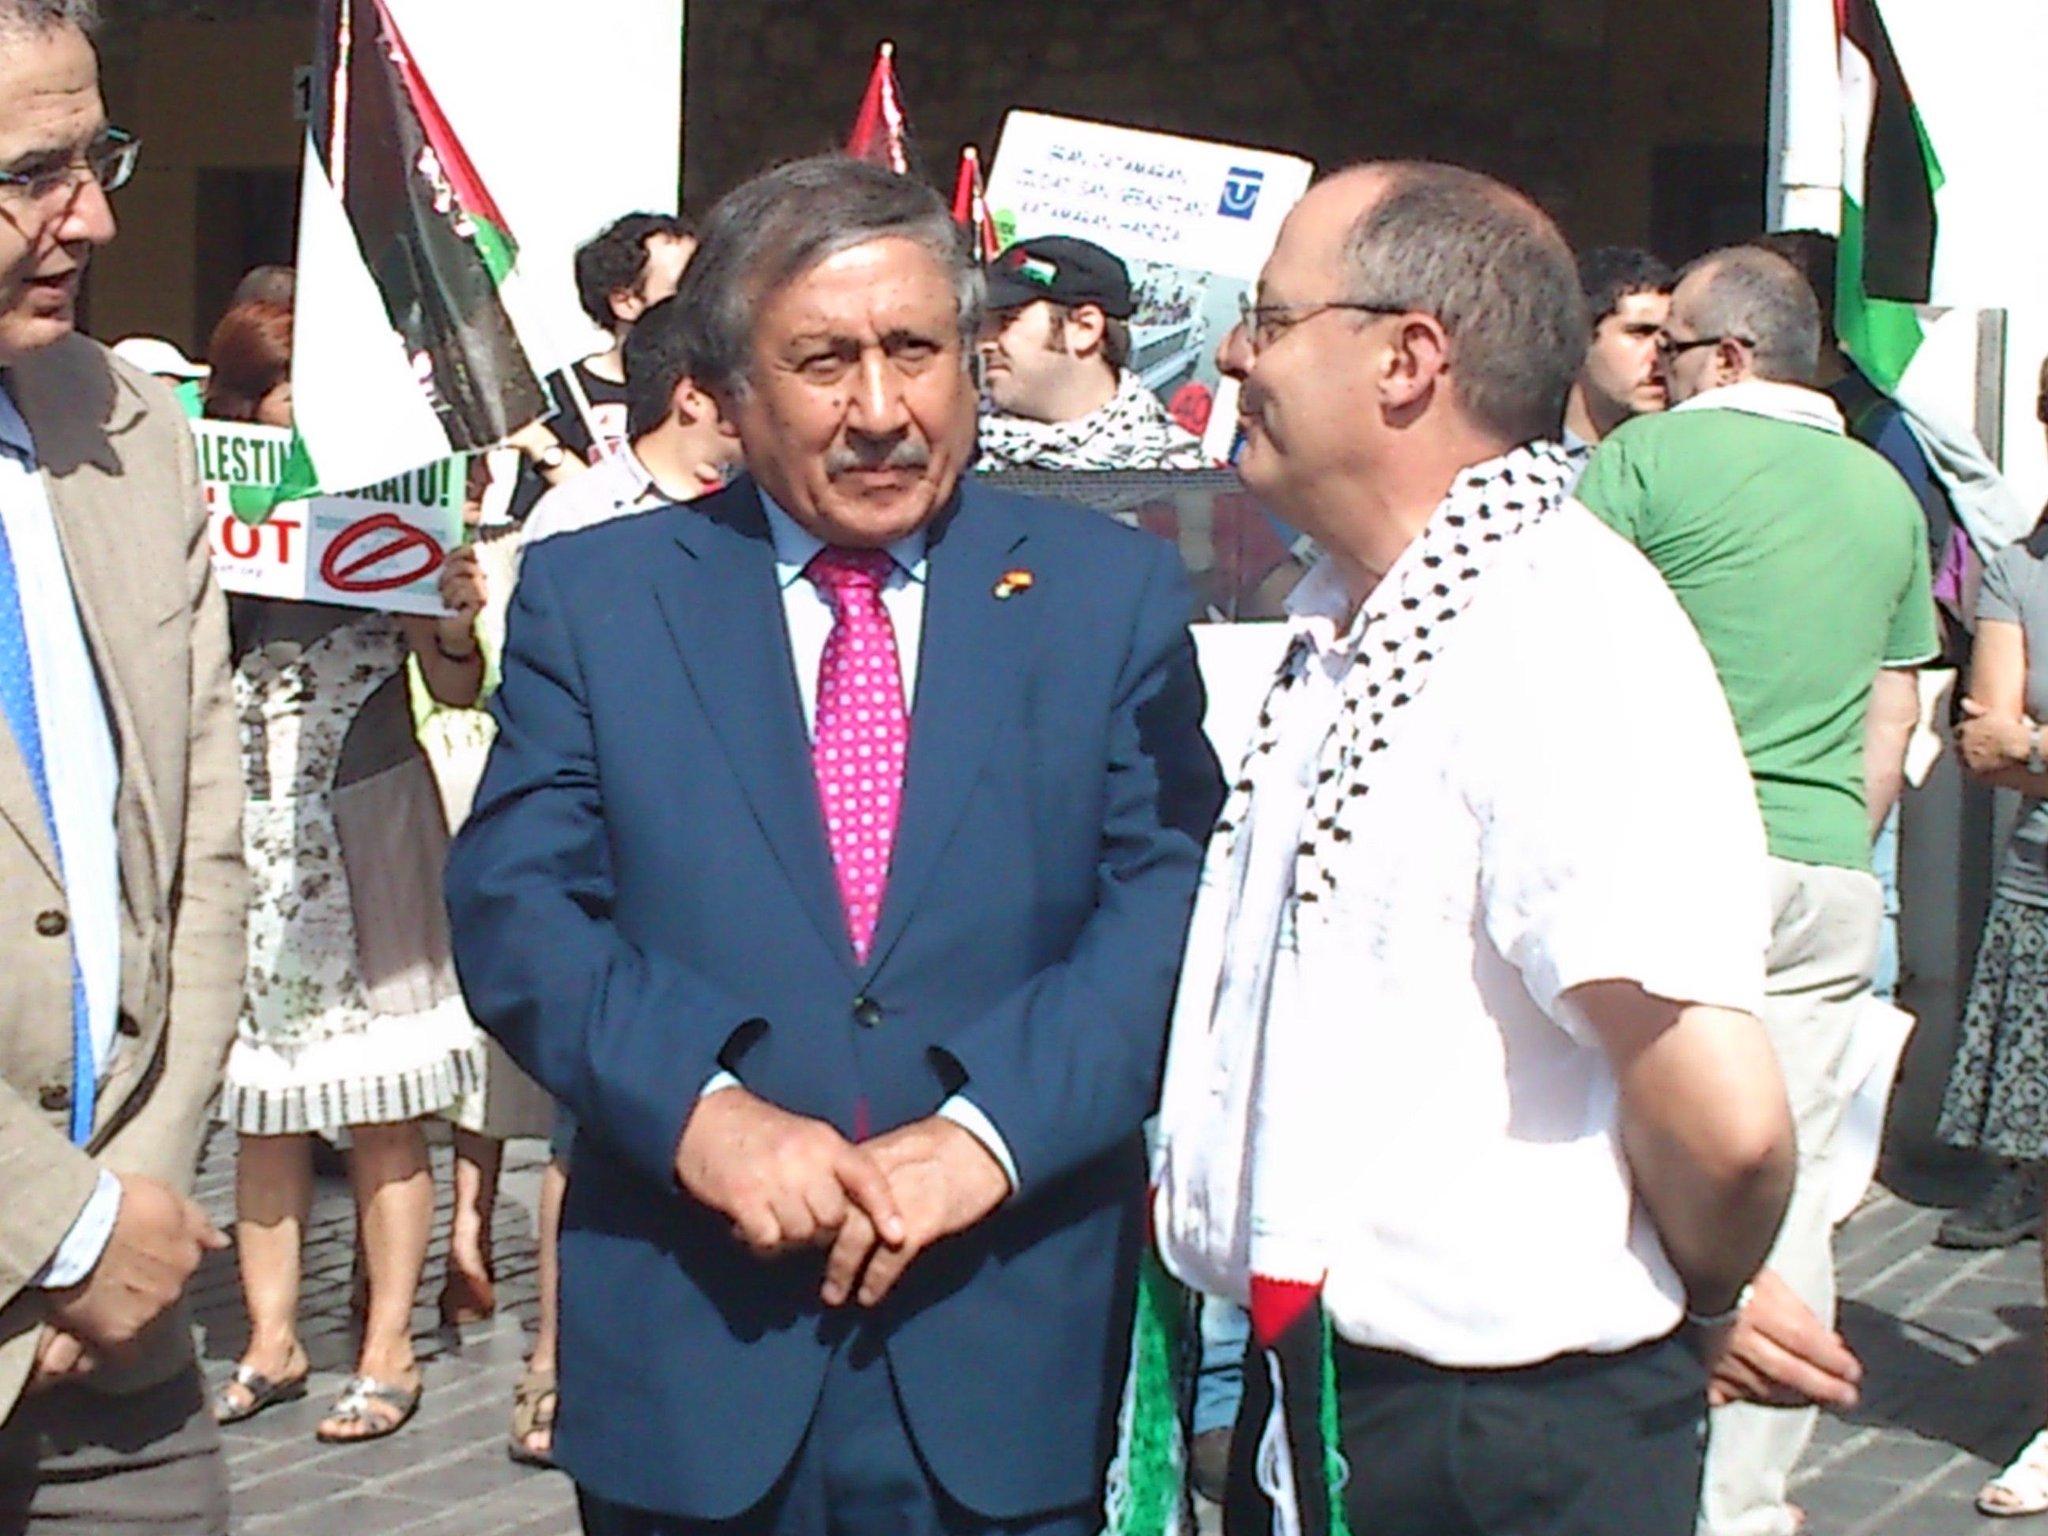 RT @DSS2016: #flotilla #gazaruntz #svestelle donostiako alkatea palestinako enbaxadorearekin http://t.co/ttcDXveh